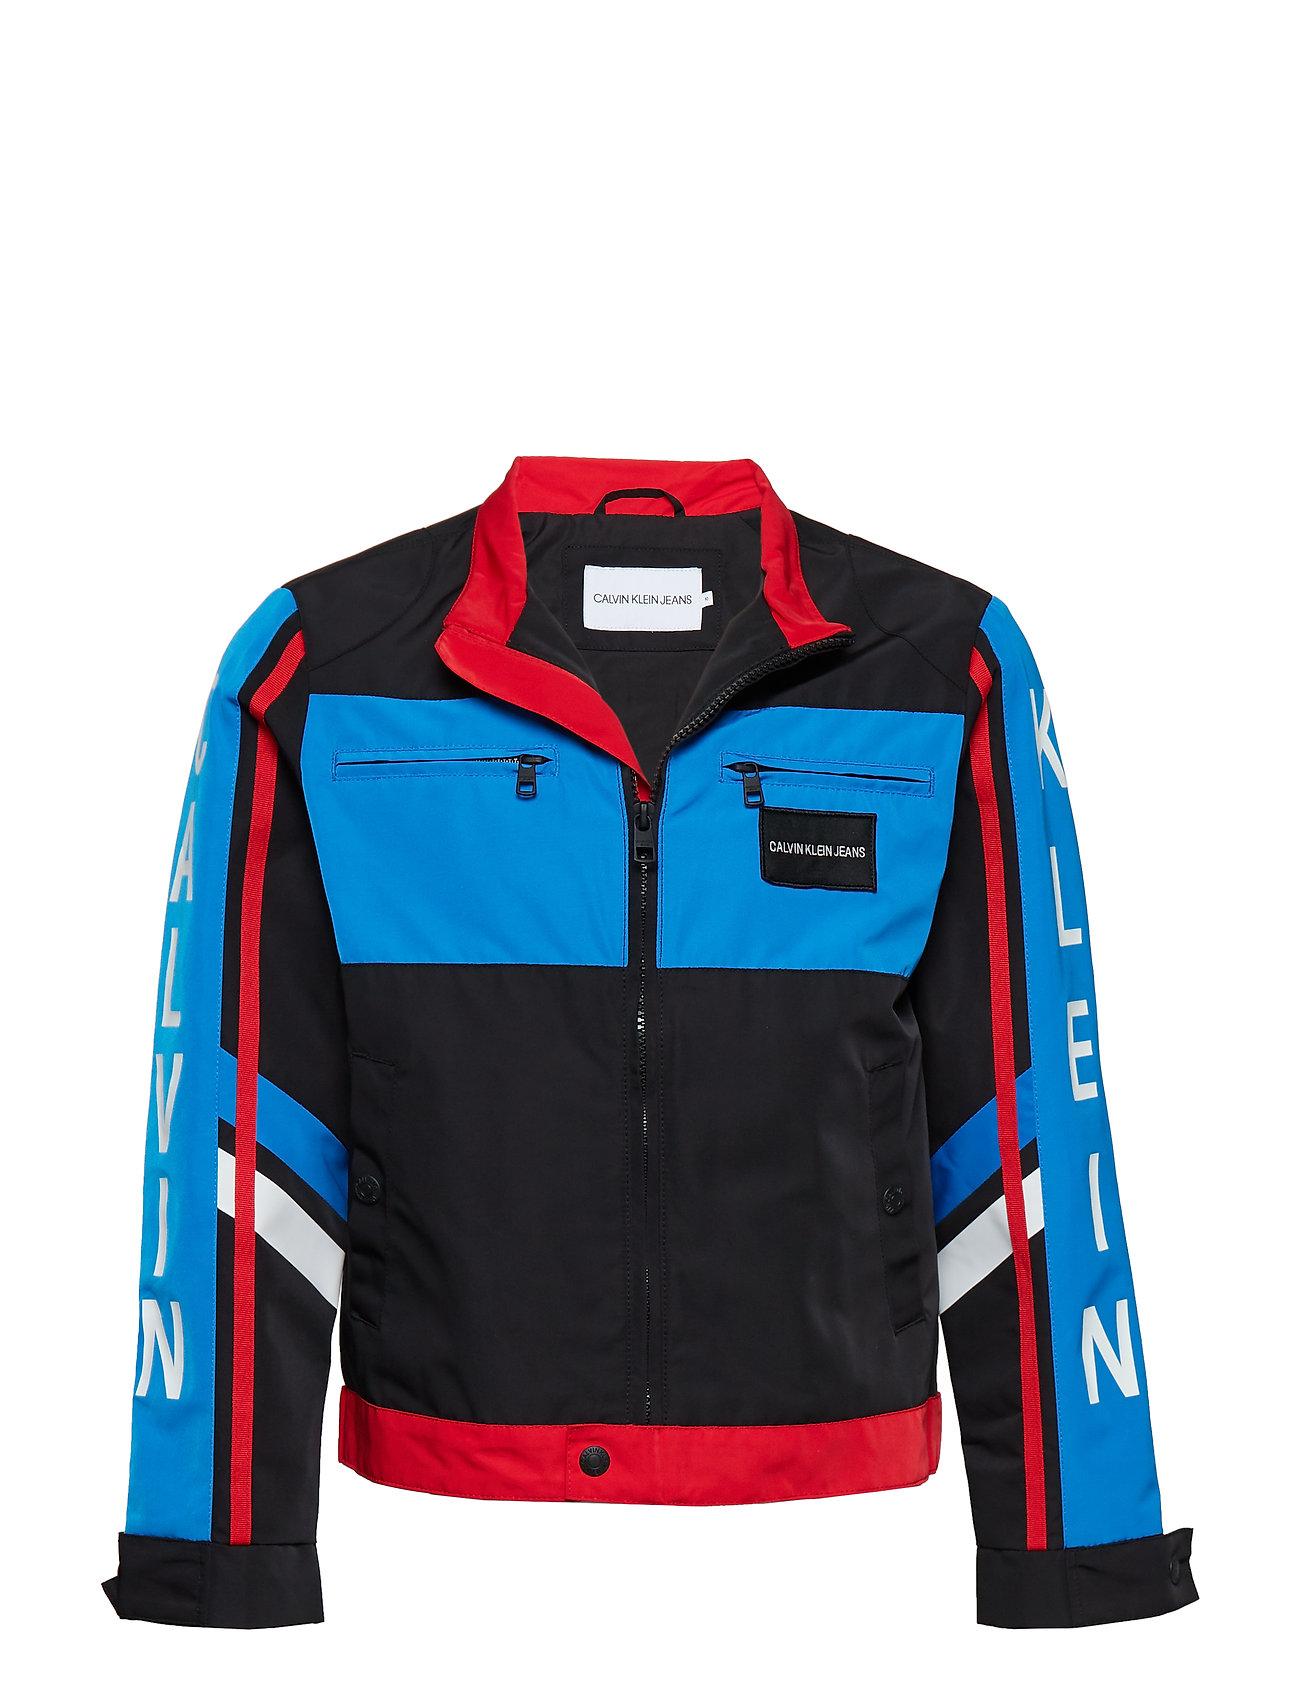 Calvin Klein BMX JACKET - BLACK BEAUTY